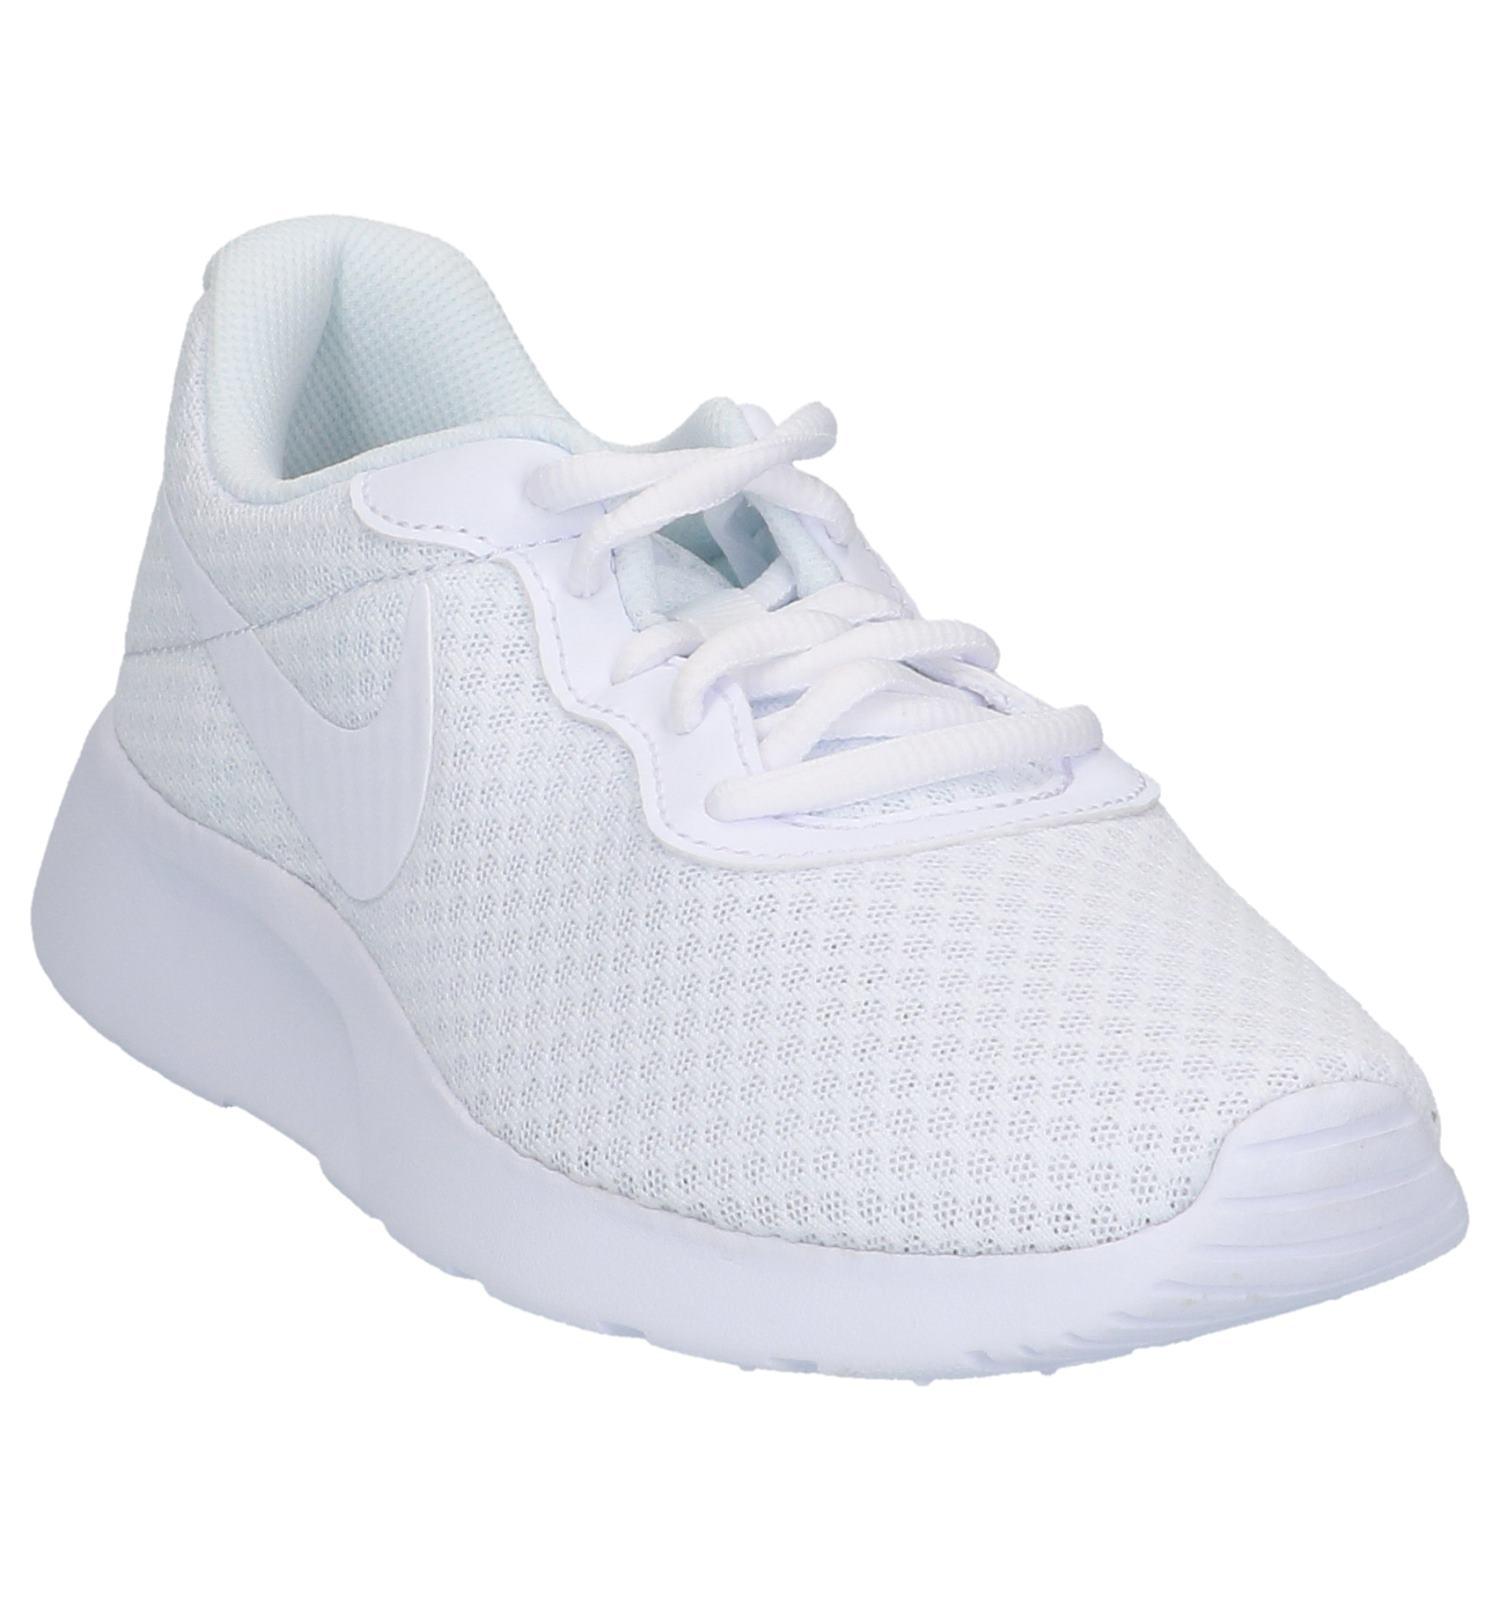 Nike Sneakers Tanjun Tanjun Sneakers Witte Nike Witte IYEHD9beW2